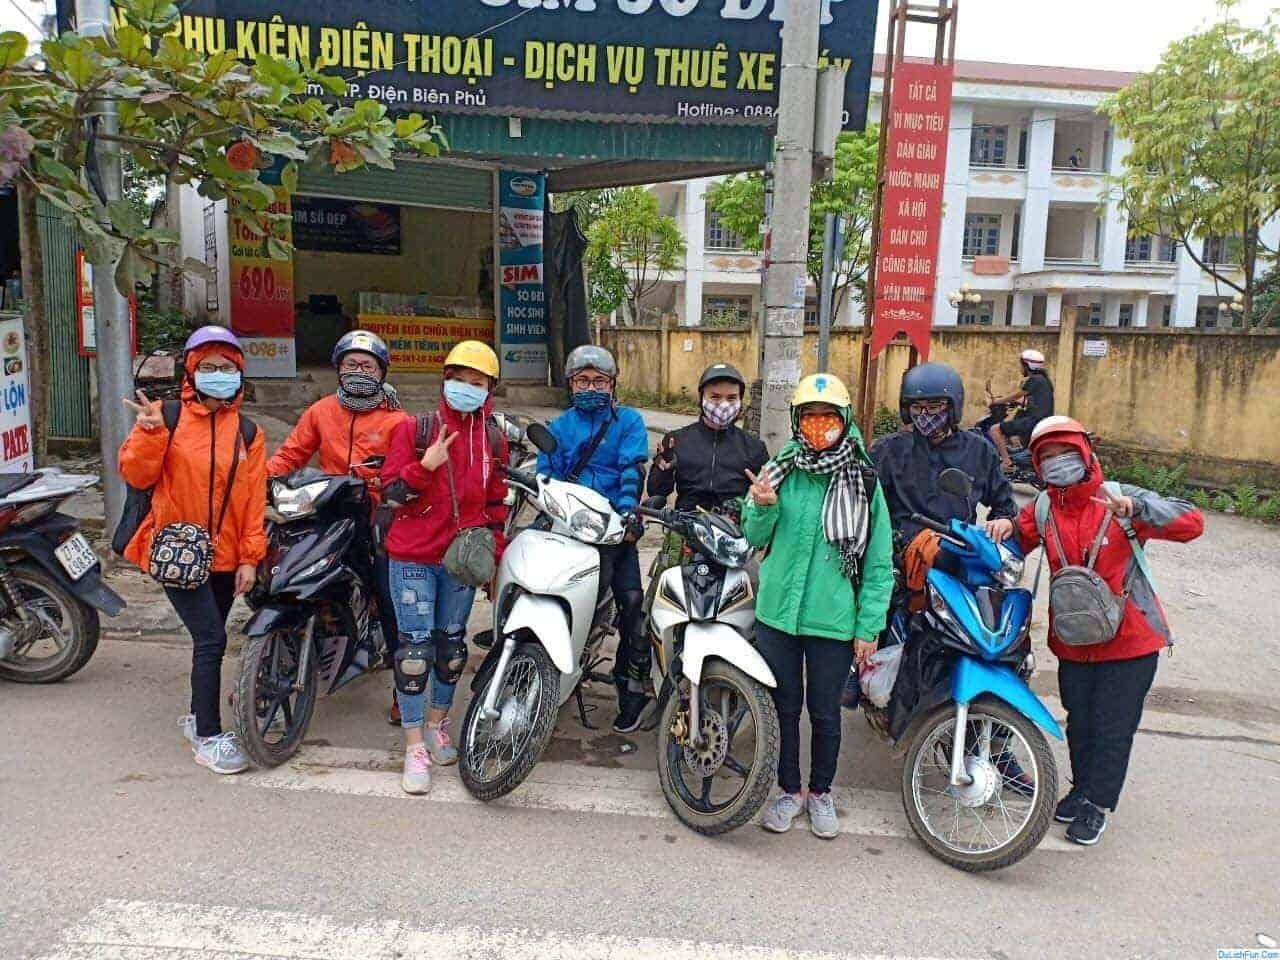 thue xe may dien bien 01 - Top 5 Địa Điểm Cho Thuê Xe Máy Điện Biên Uy Tín Nhất